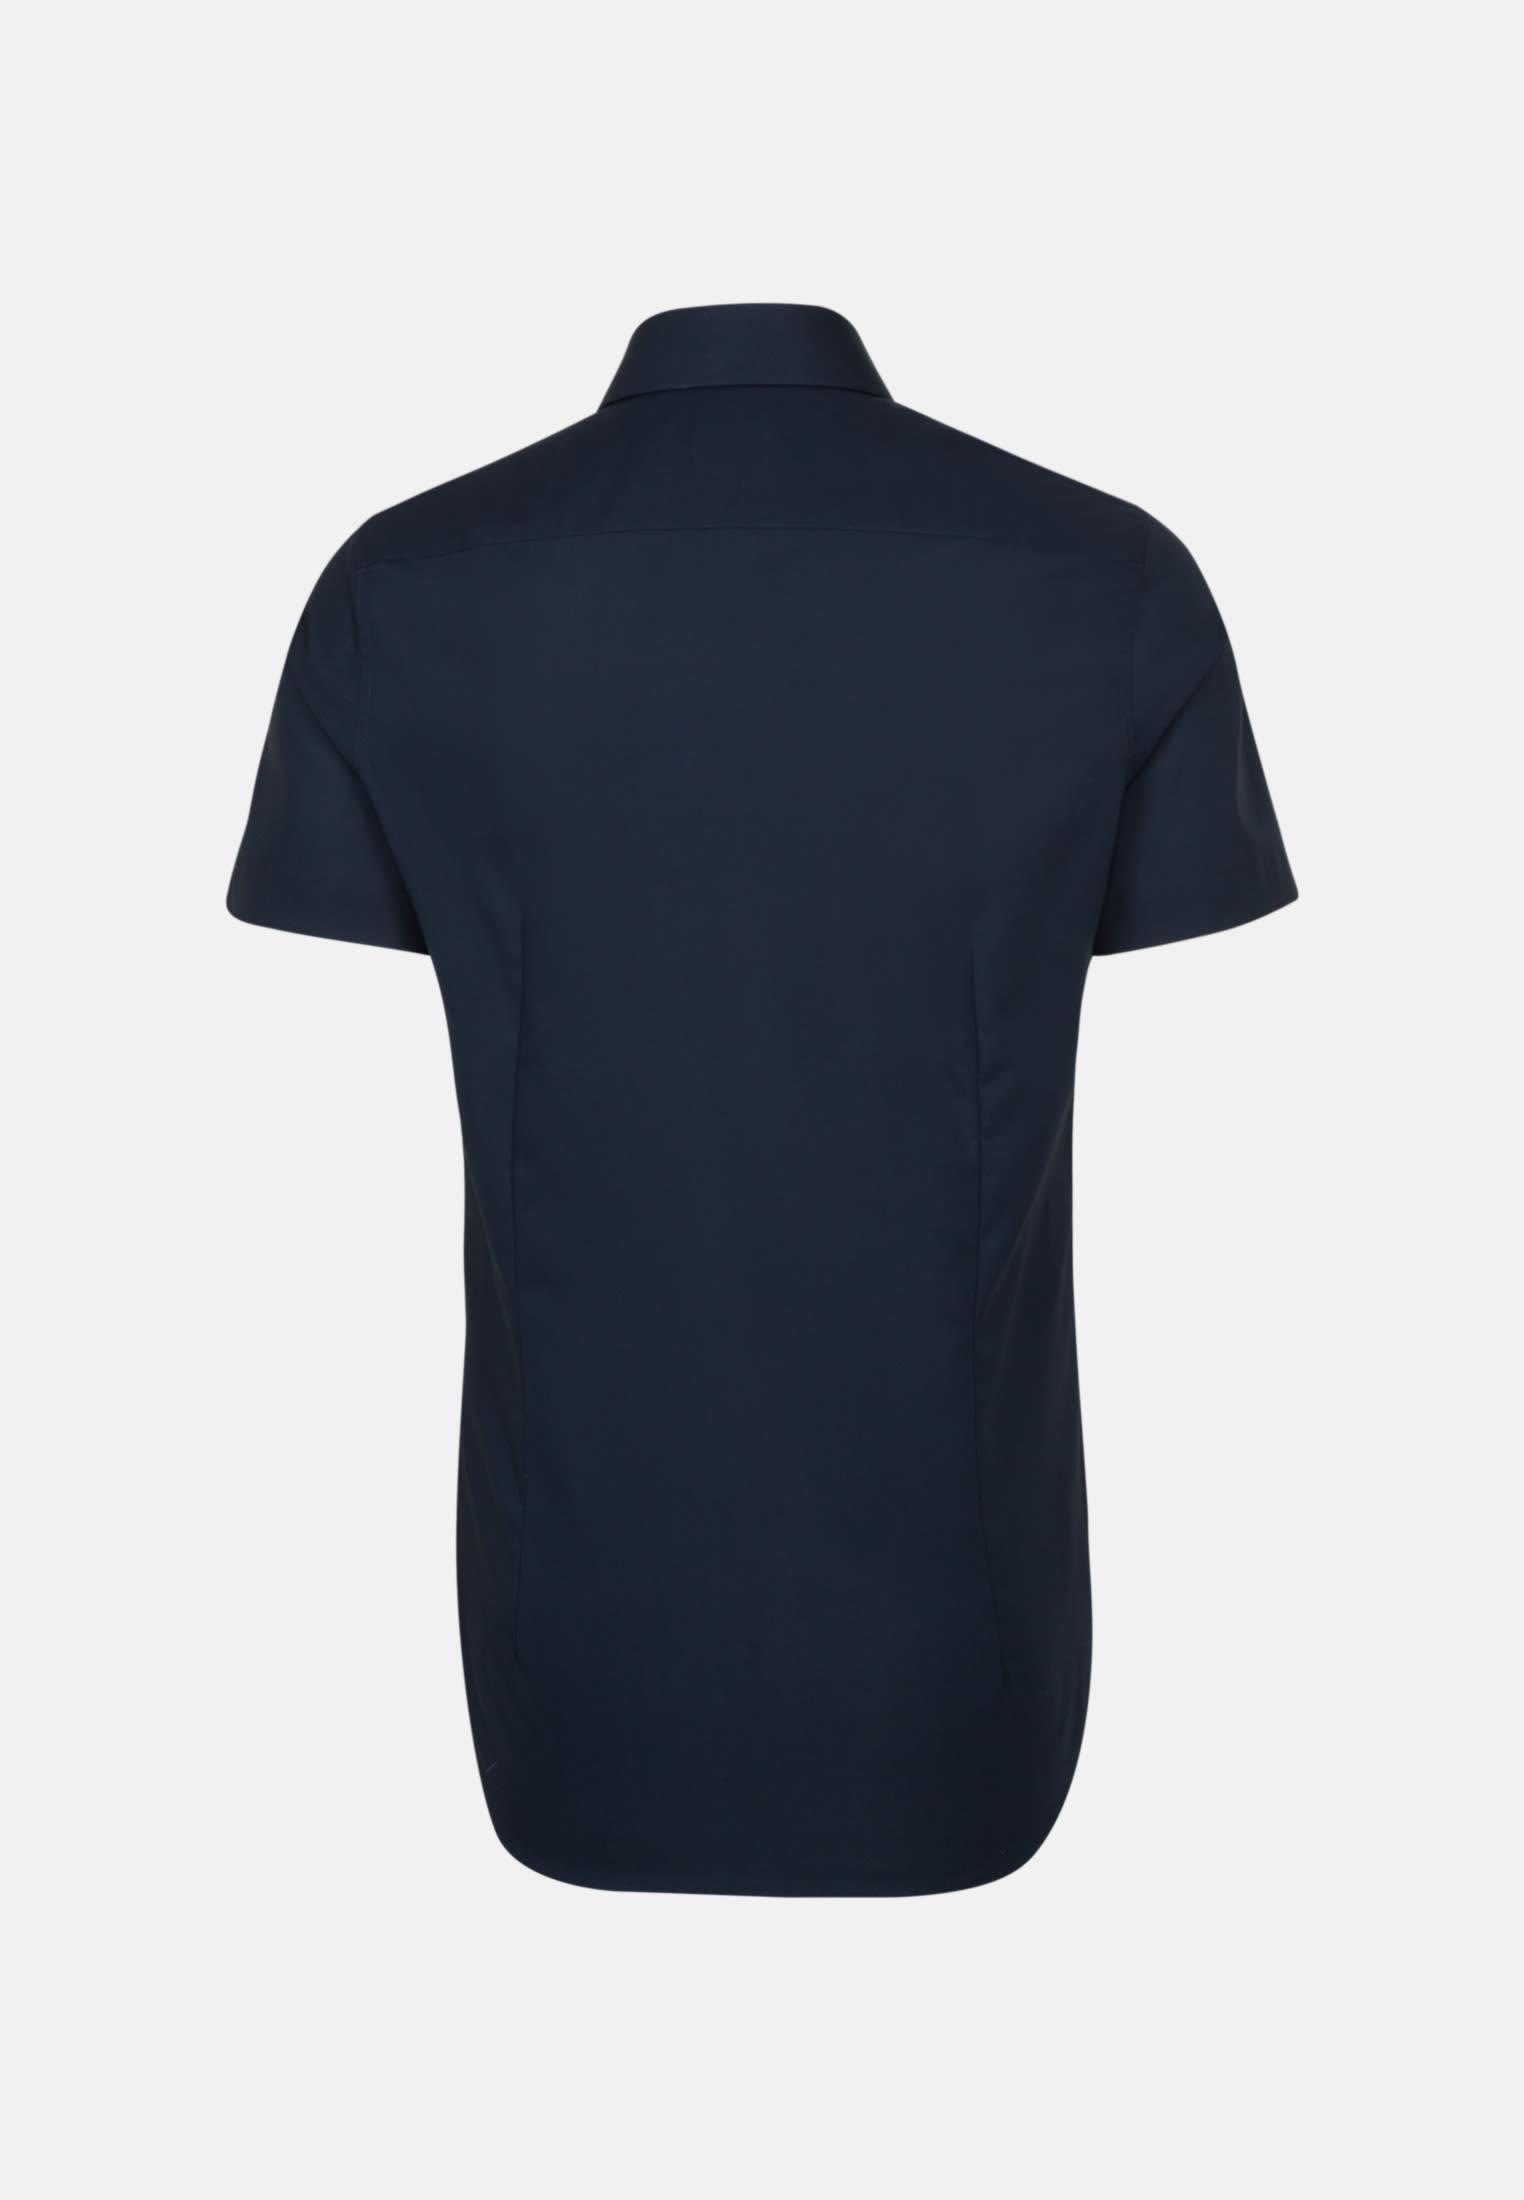 Bügelfreies Popeline Kurzarm Business Hemd in Shaped mit Kentkragen in Dunkelblau |  Seidensticker Onlineshop